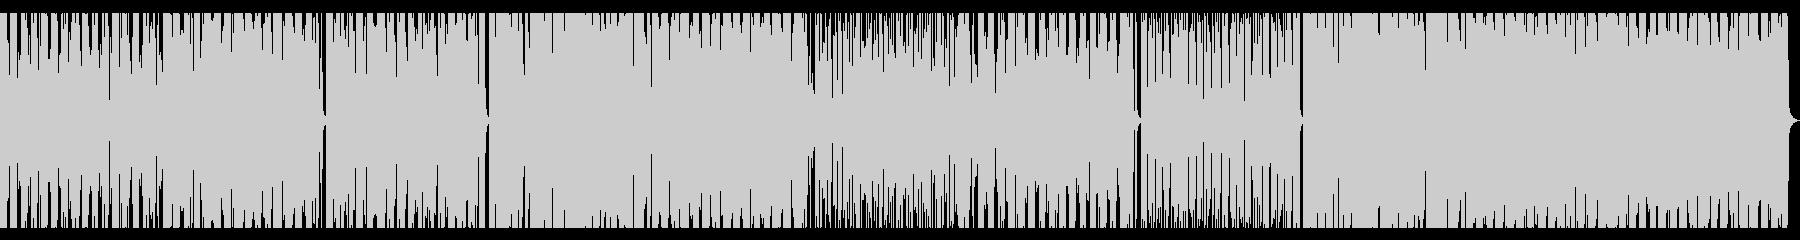 マイナーな雰囲気のロック_No390の未再生の波形